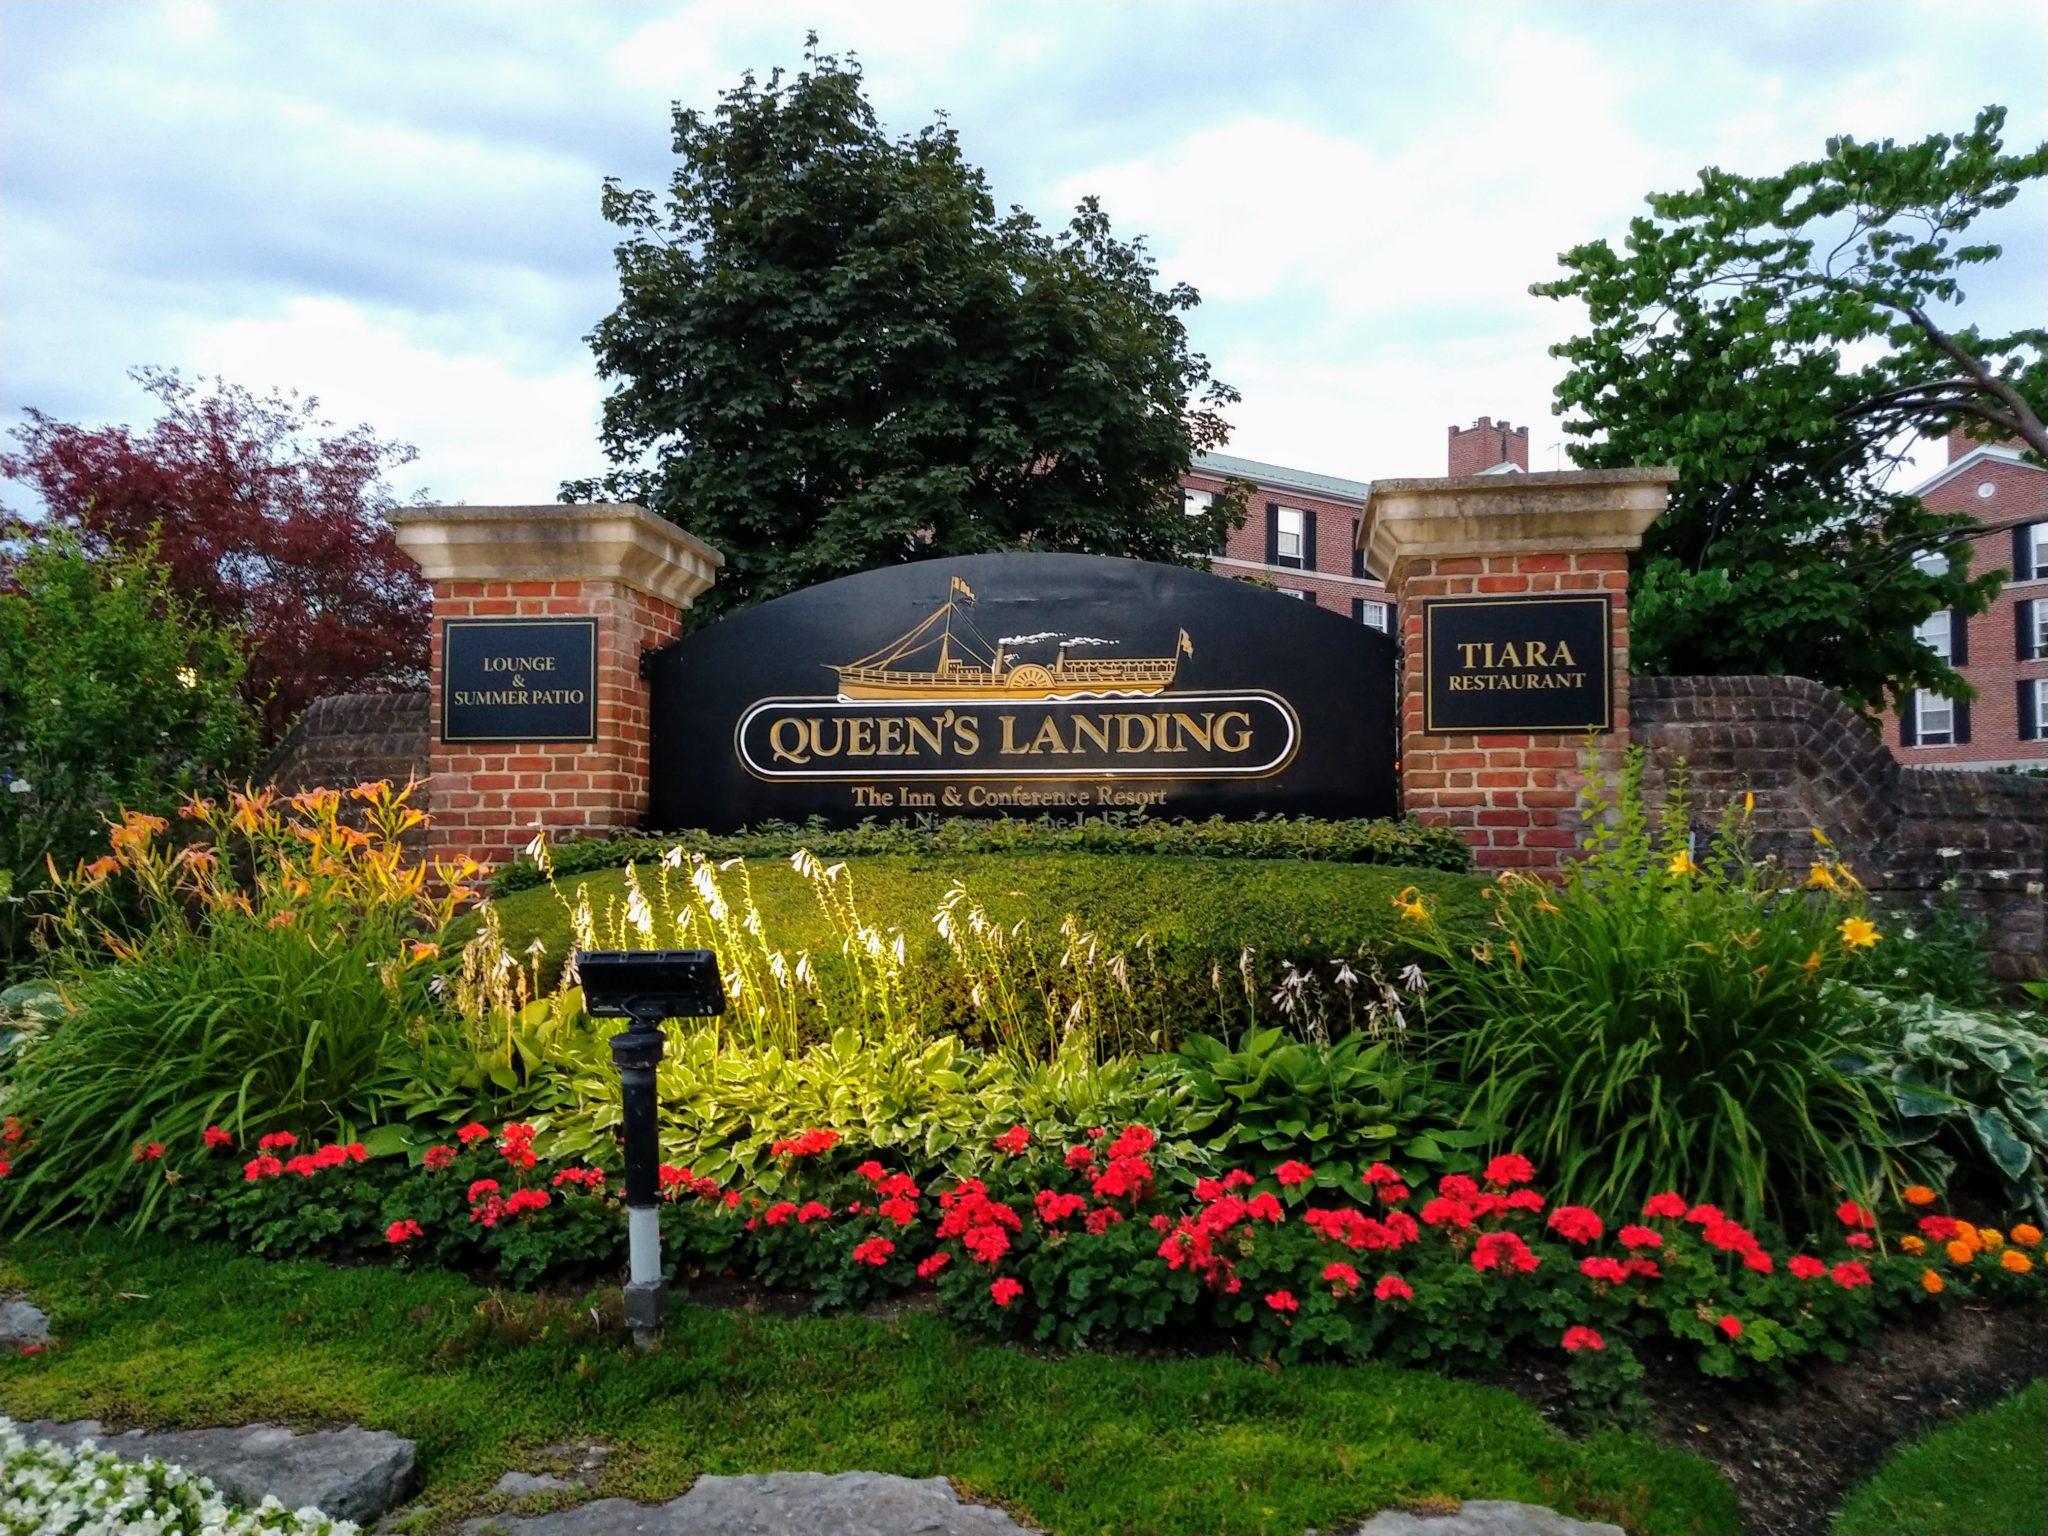 Queen's Landing Hotel Sign Niagara-on-the-Lake Ontario